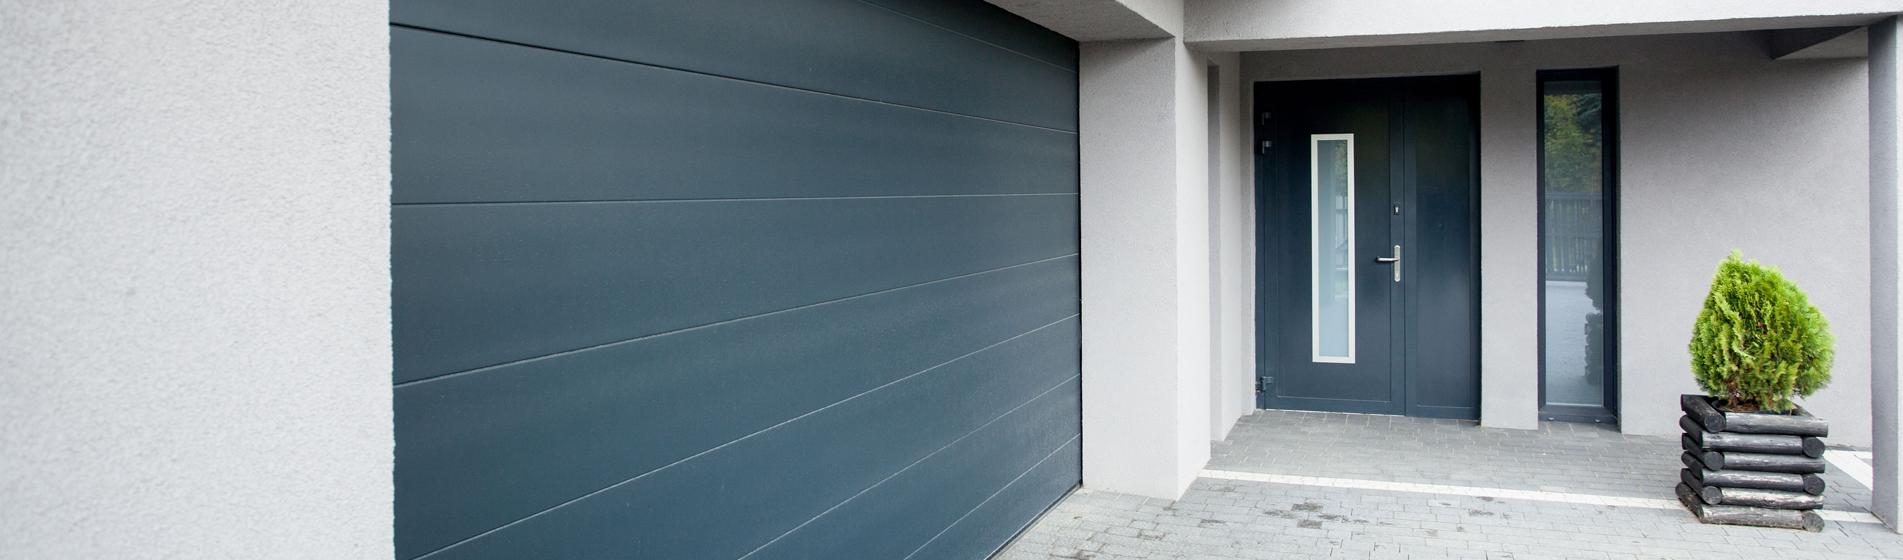 votre projet porte garage sam. Black Bedroom Furniture Sets. Home Design Ideas